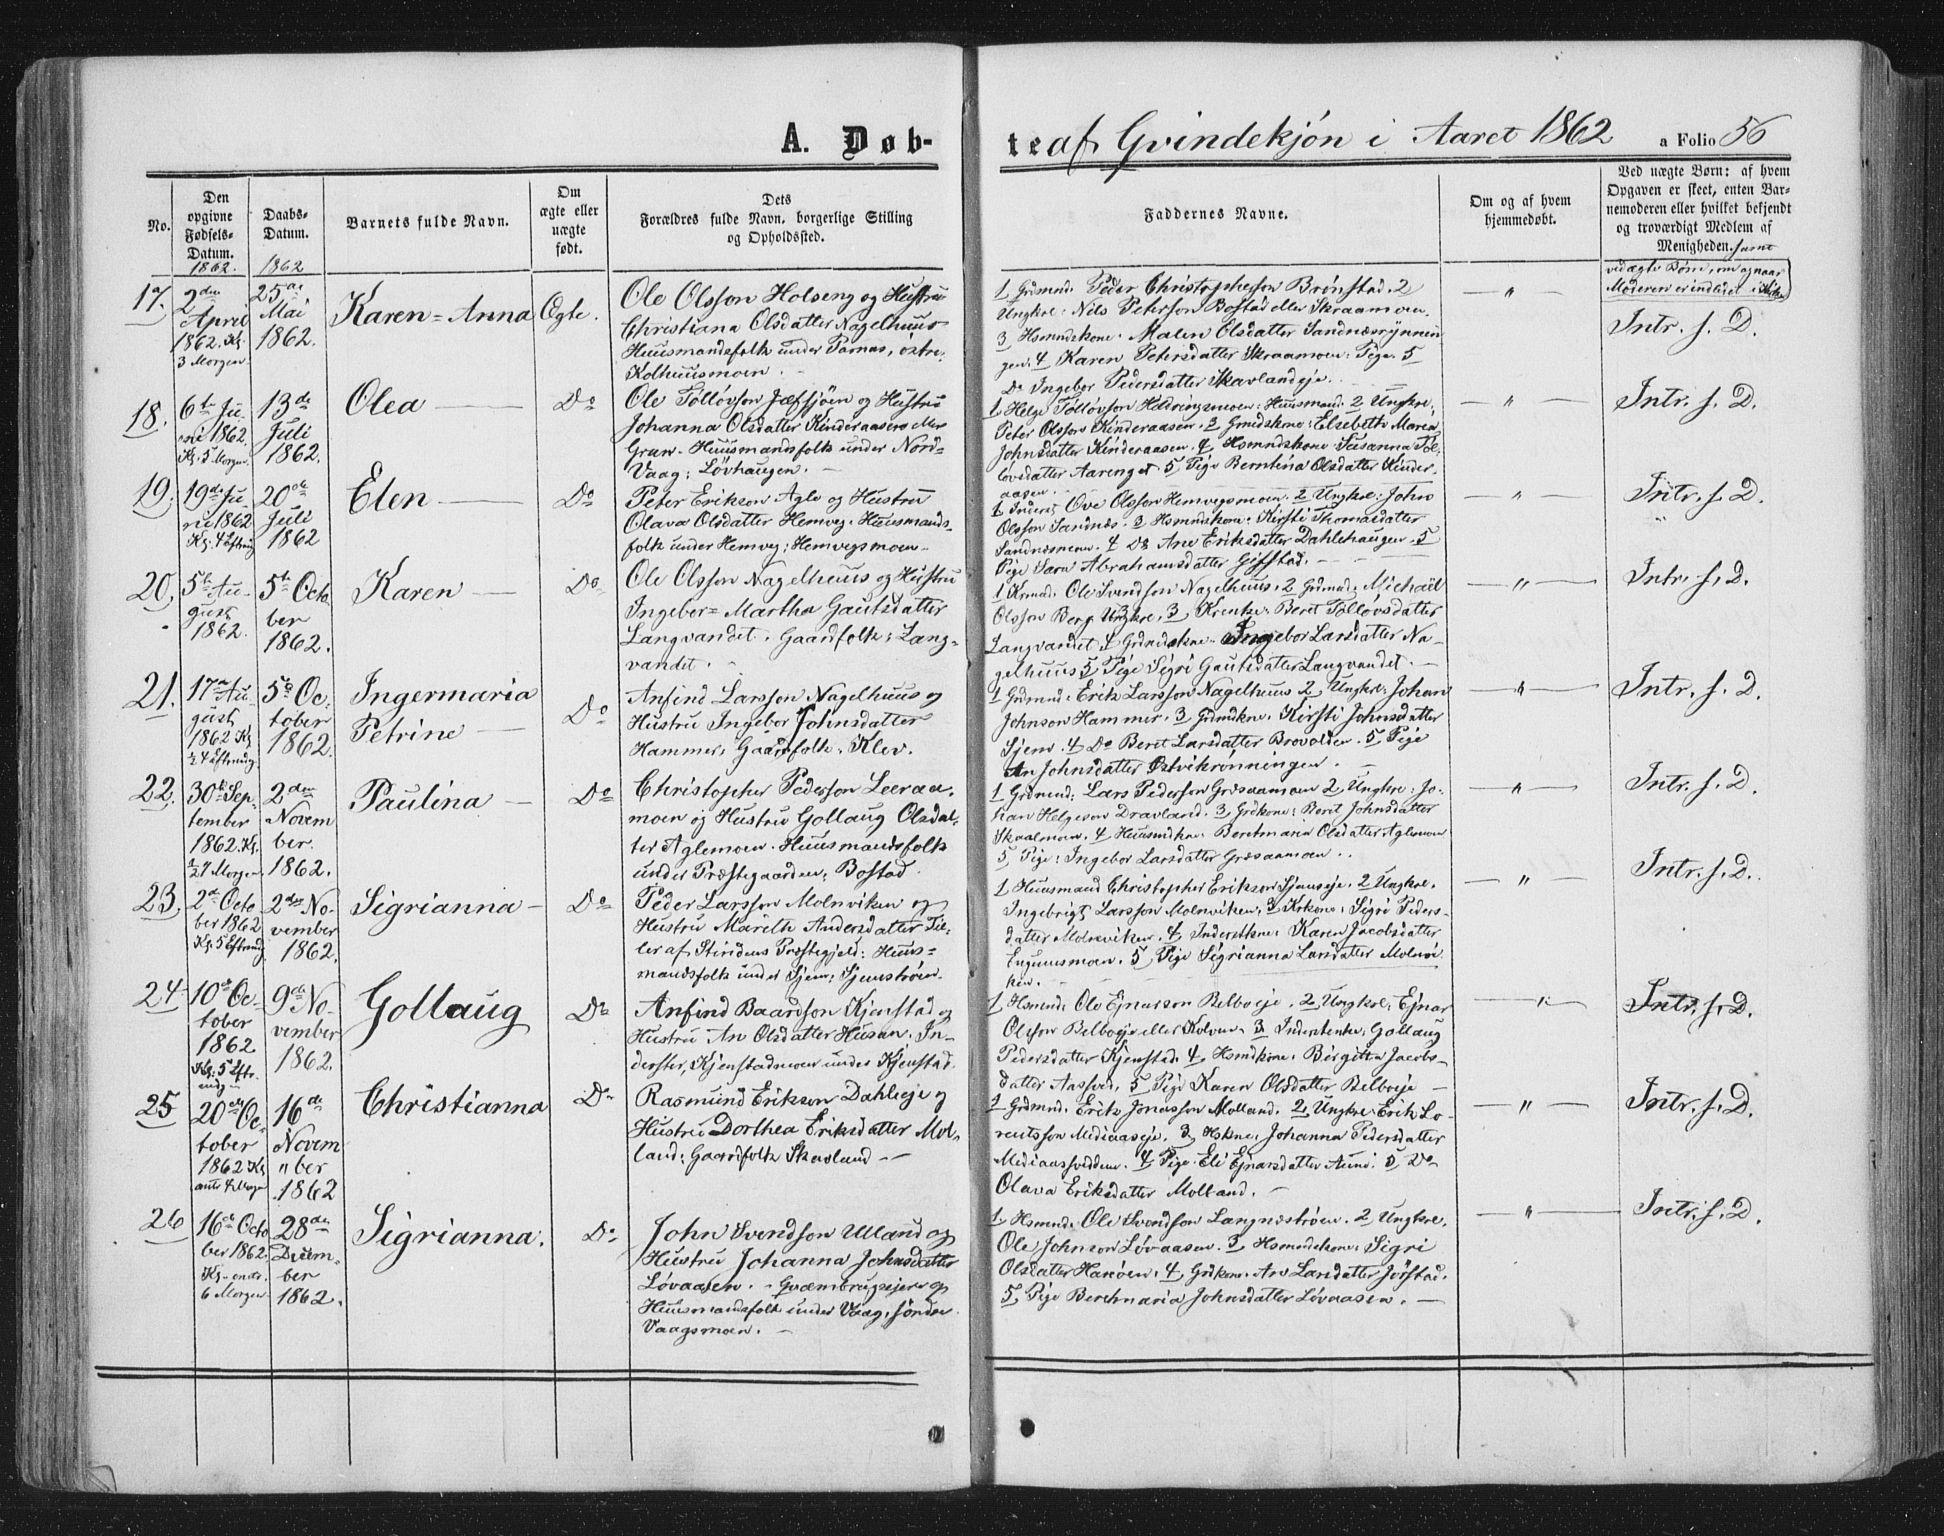 SAT, Ministerialprotokoller, klokkerbøker og fødselsregistre - Nord-Trøndelag, 749/L0472: Ministerialbok nr. 749A06, 1857-1873, s. 56